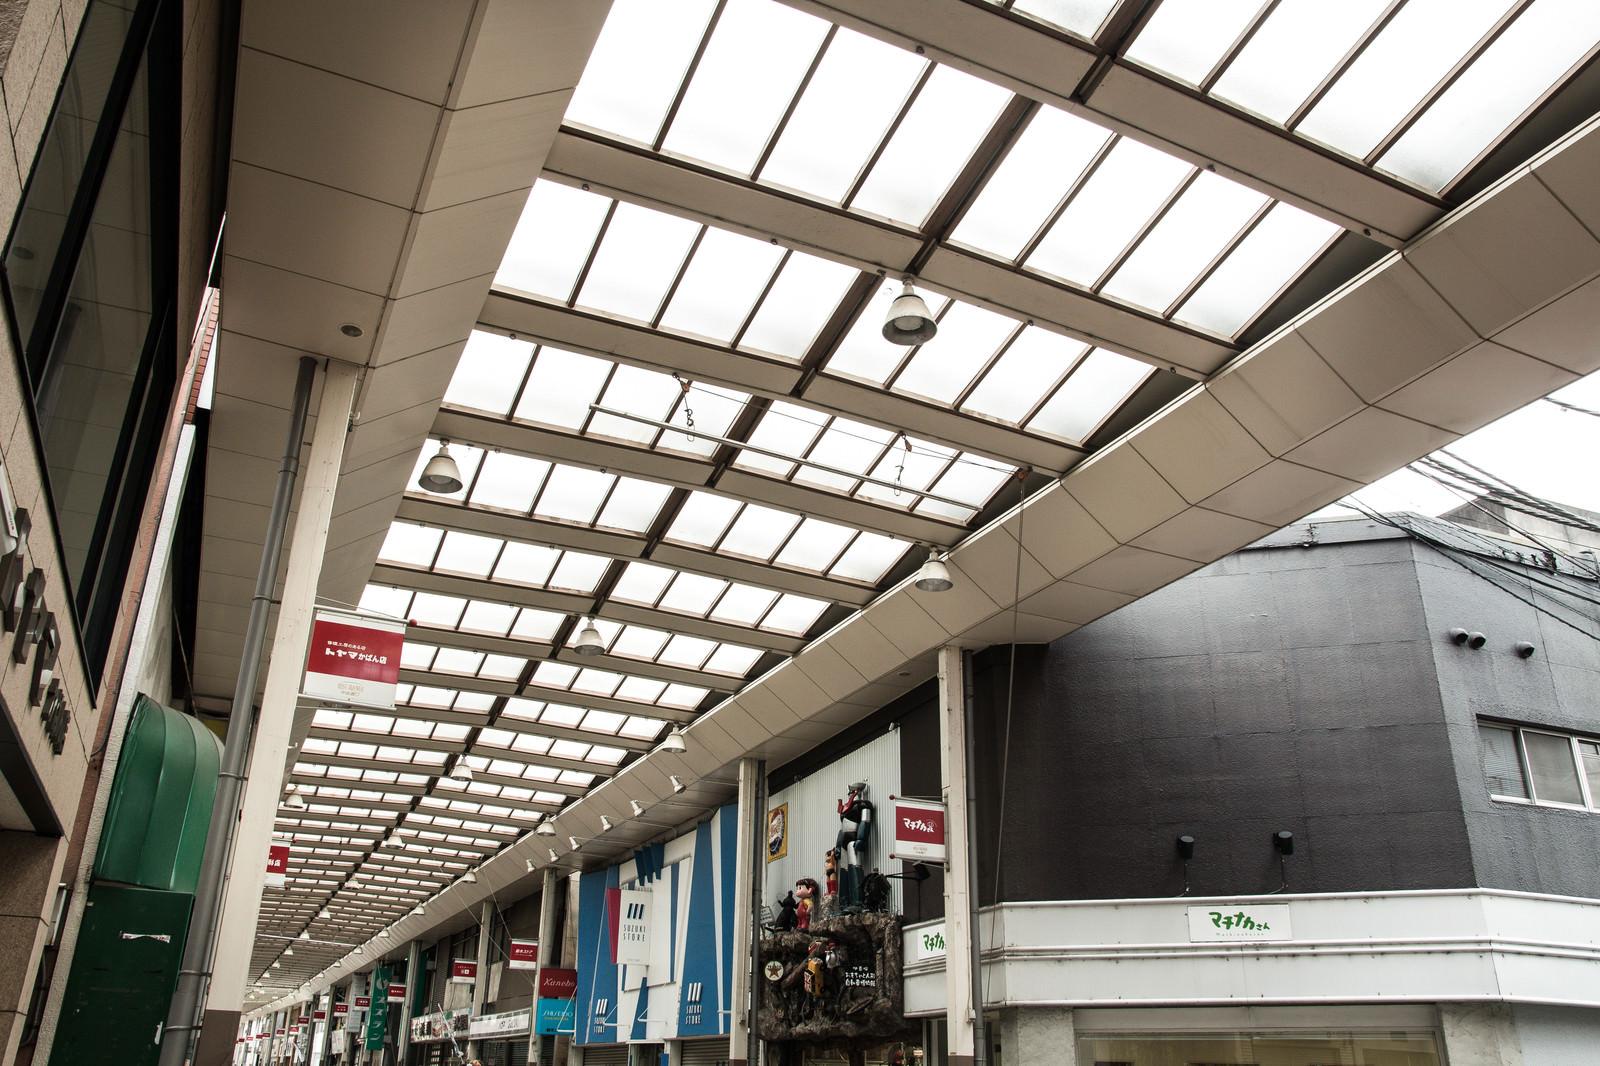 「前橋商店街のアーケード」の写真